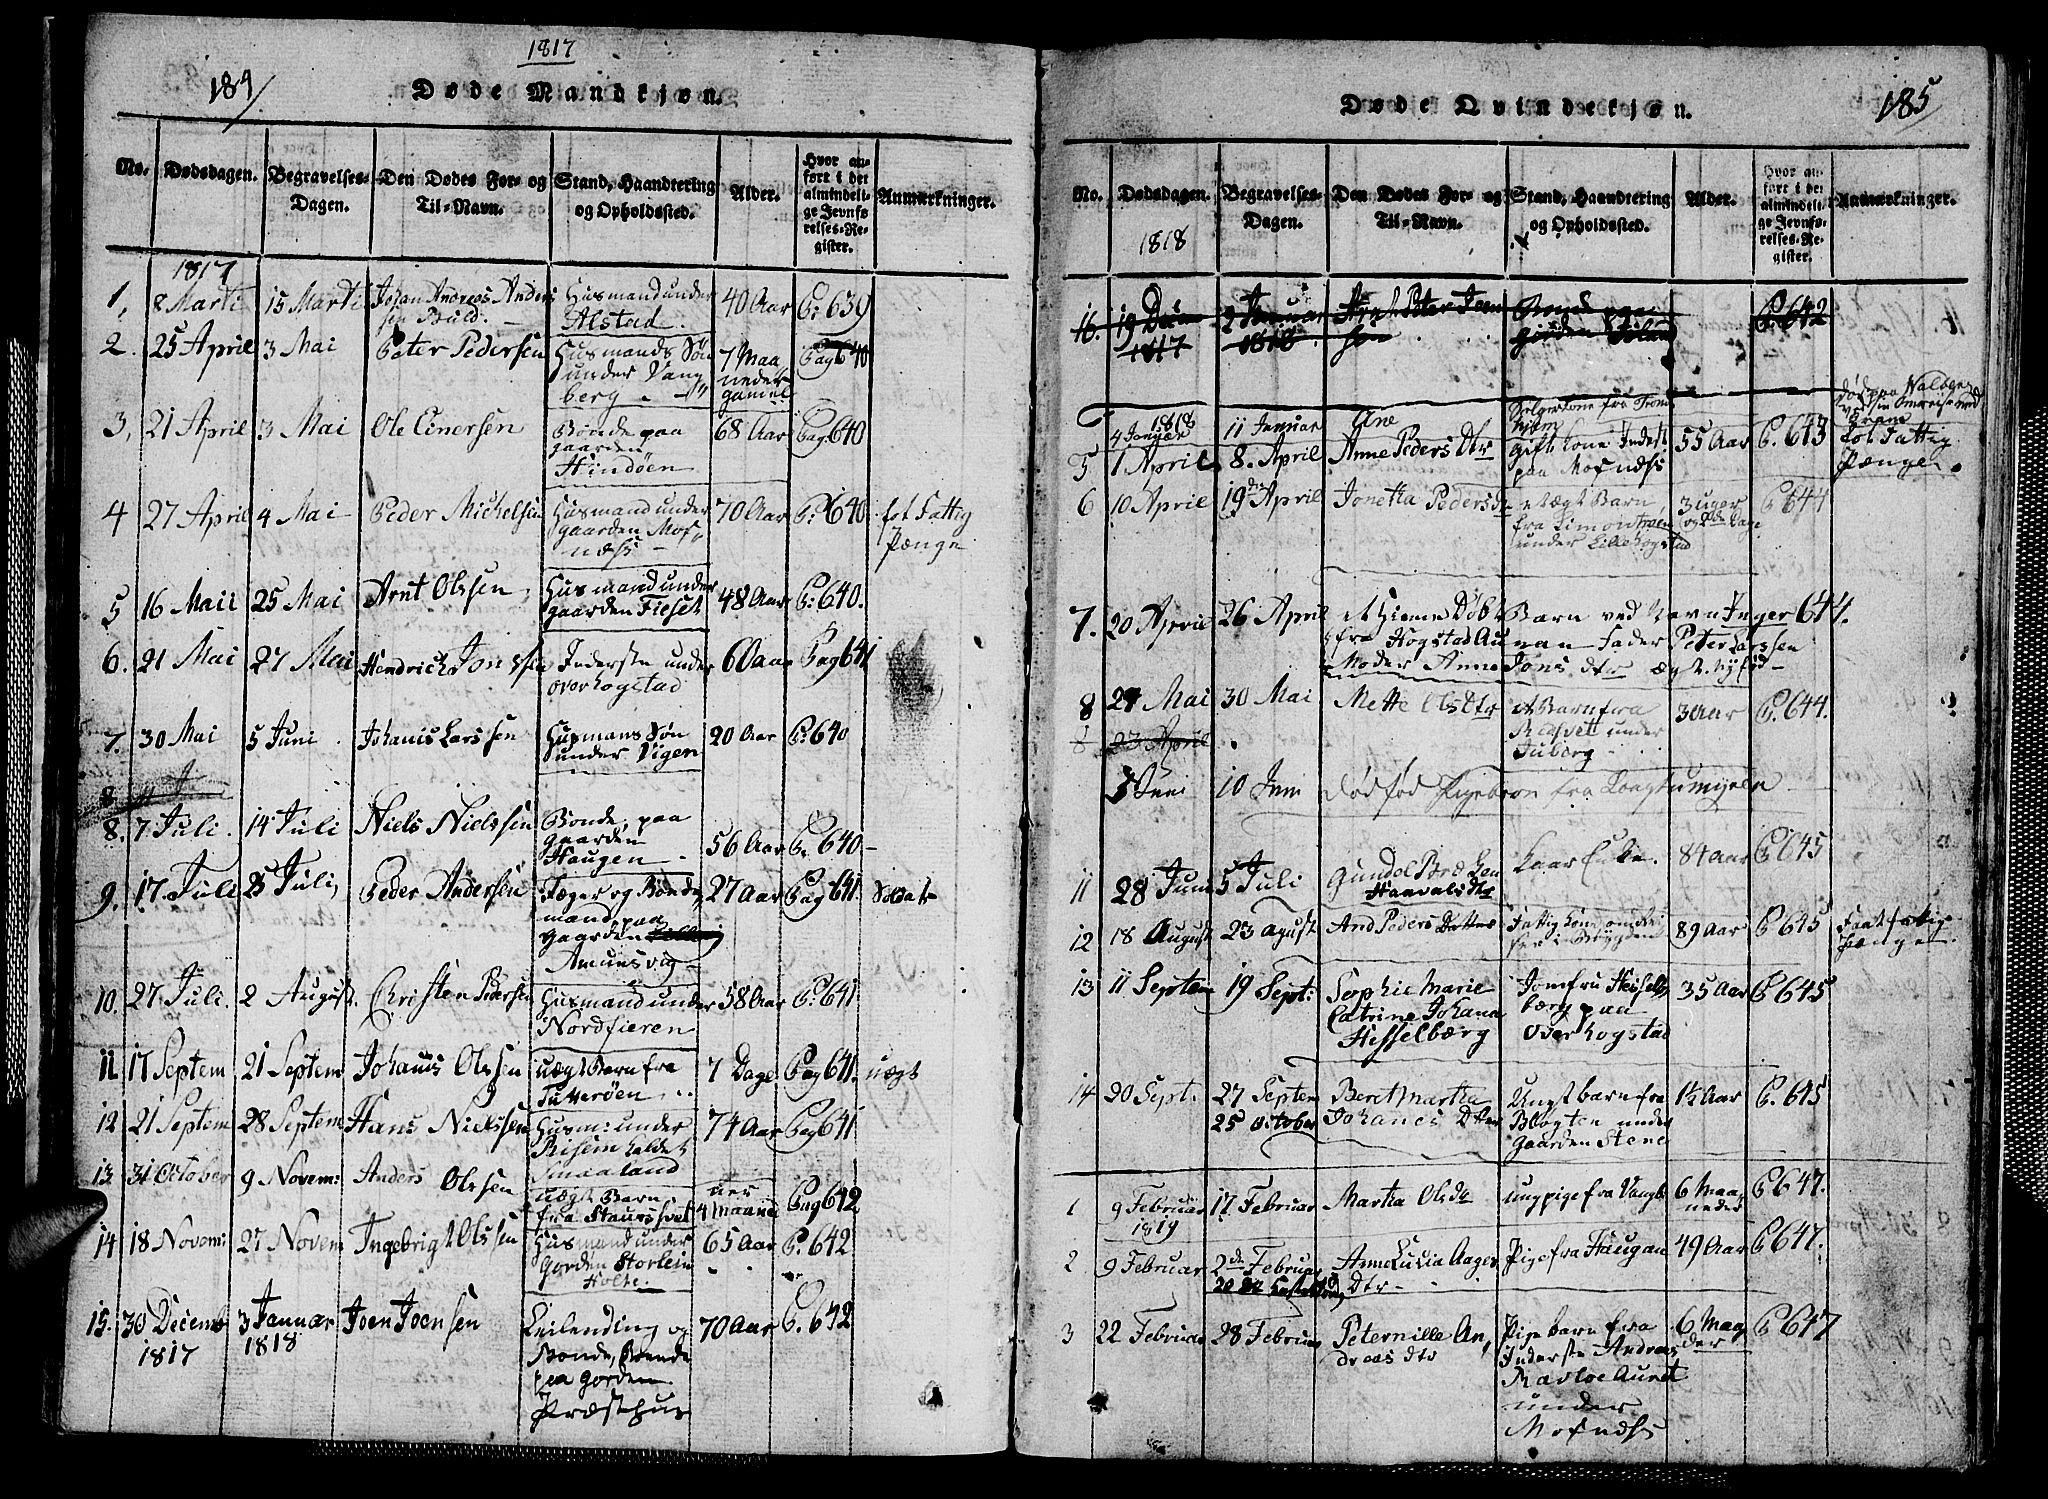 SAT, Ministerialprotokoller, klokkerbøker og fødselsregistre - Nord-Trøndelag, 713/L0124: Klokkerbok nr. 713C01, 1817-1827, s. 184-185